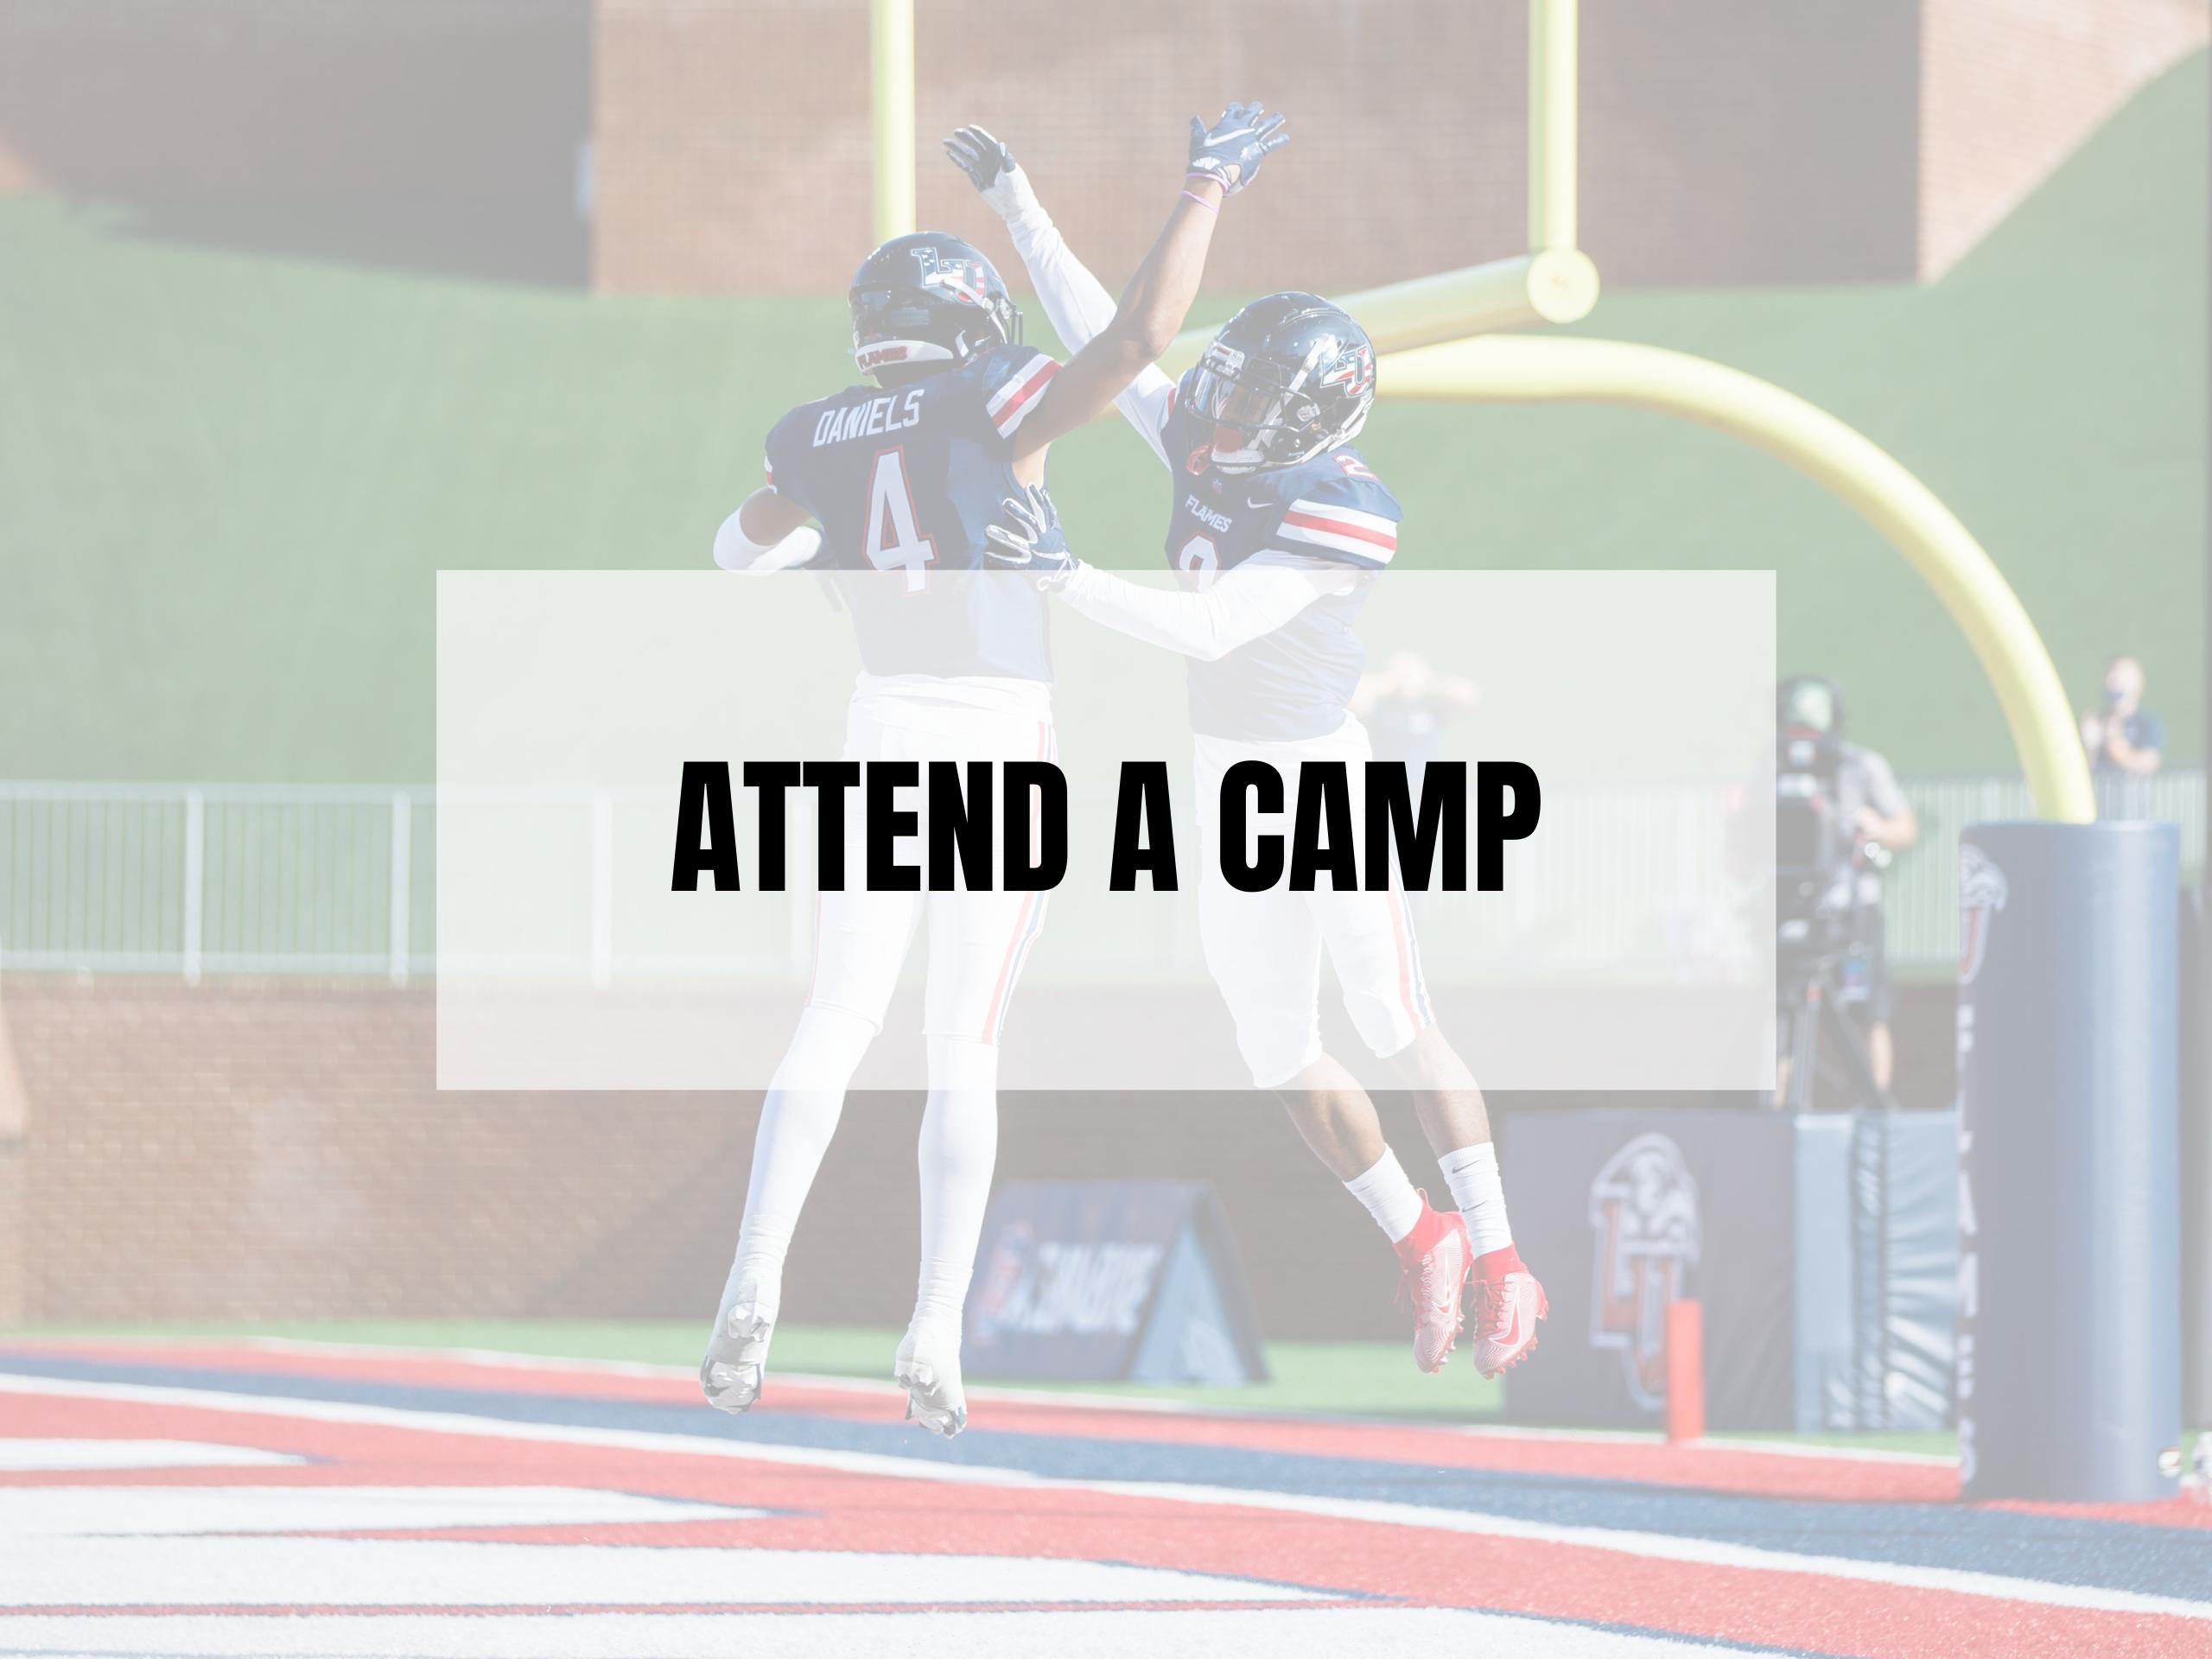 Attend a Camp